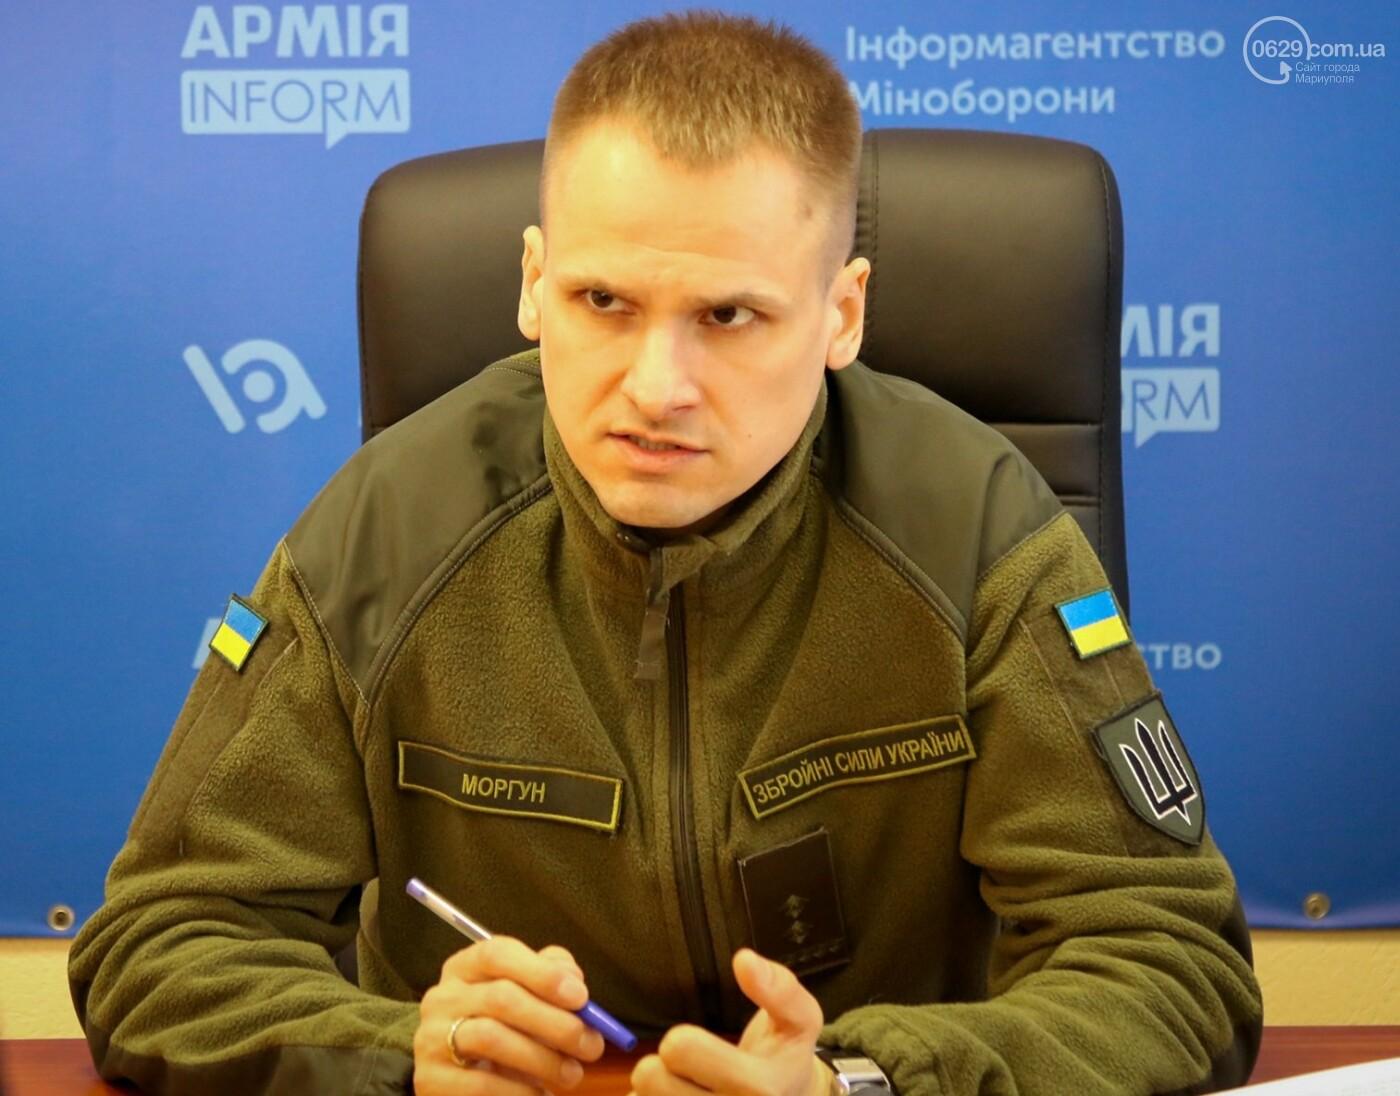 Защита для защитников. Как украинские армейцы спасаются от коронавируса,- ФОТО , фото-4